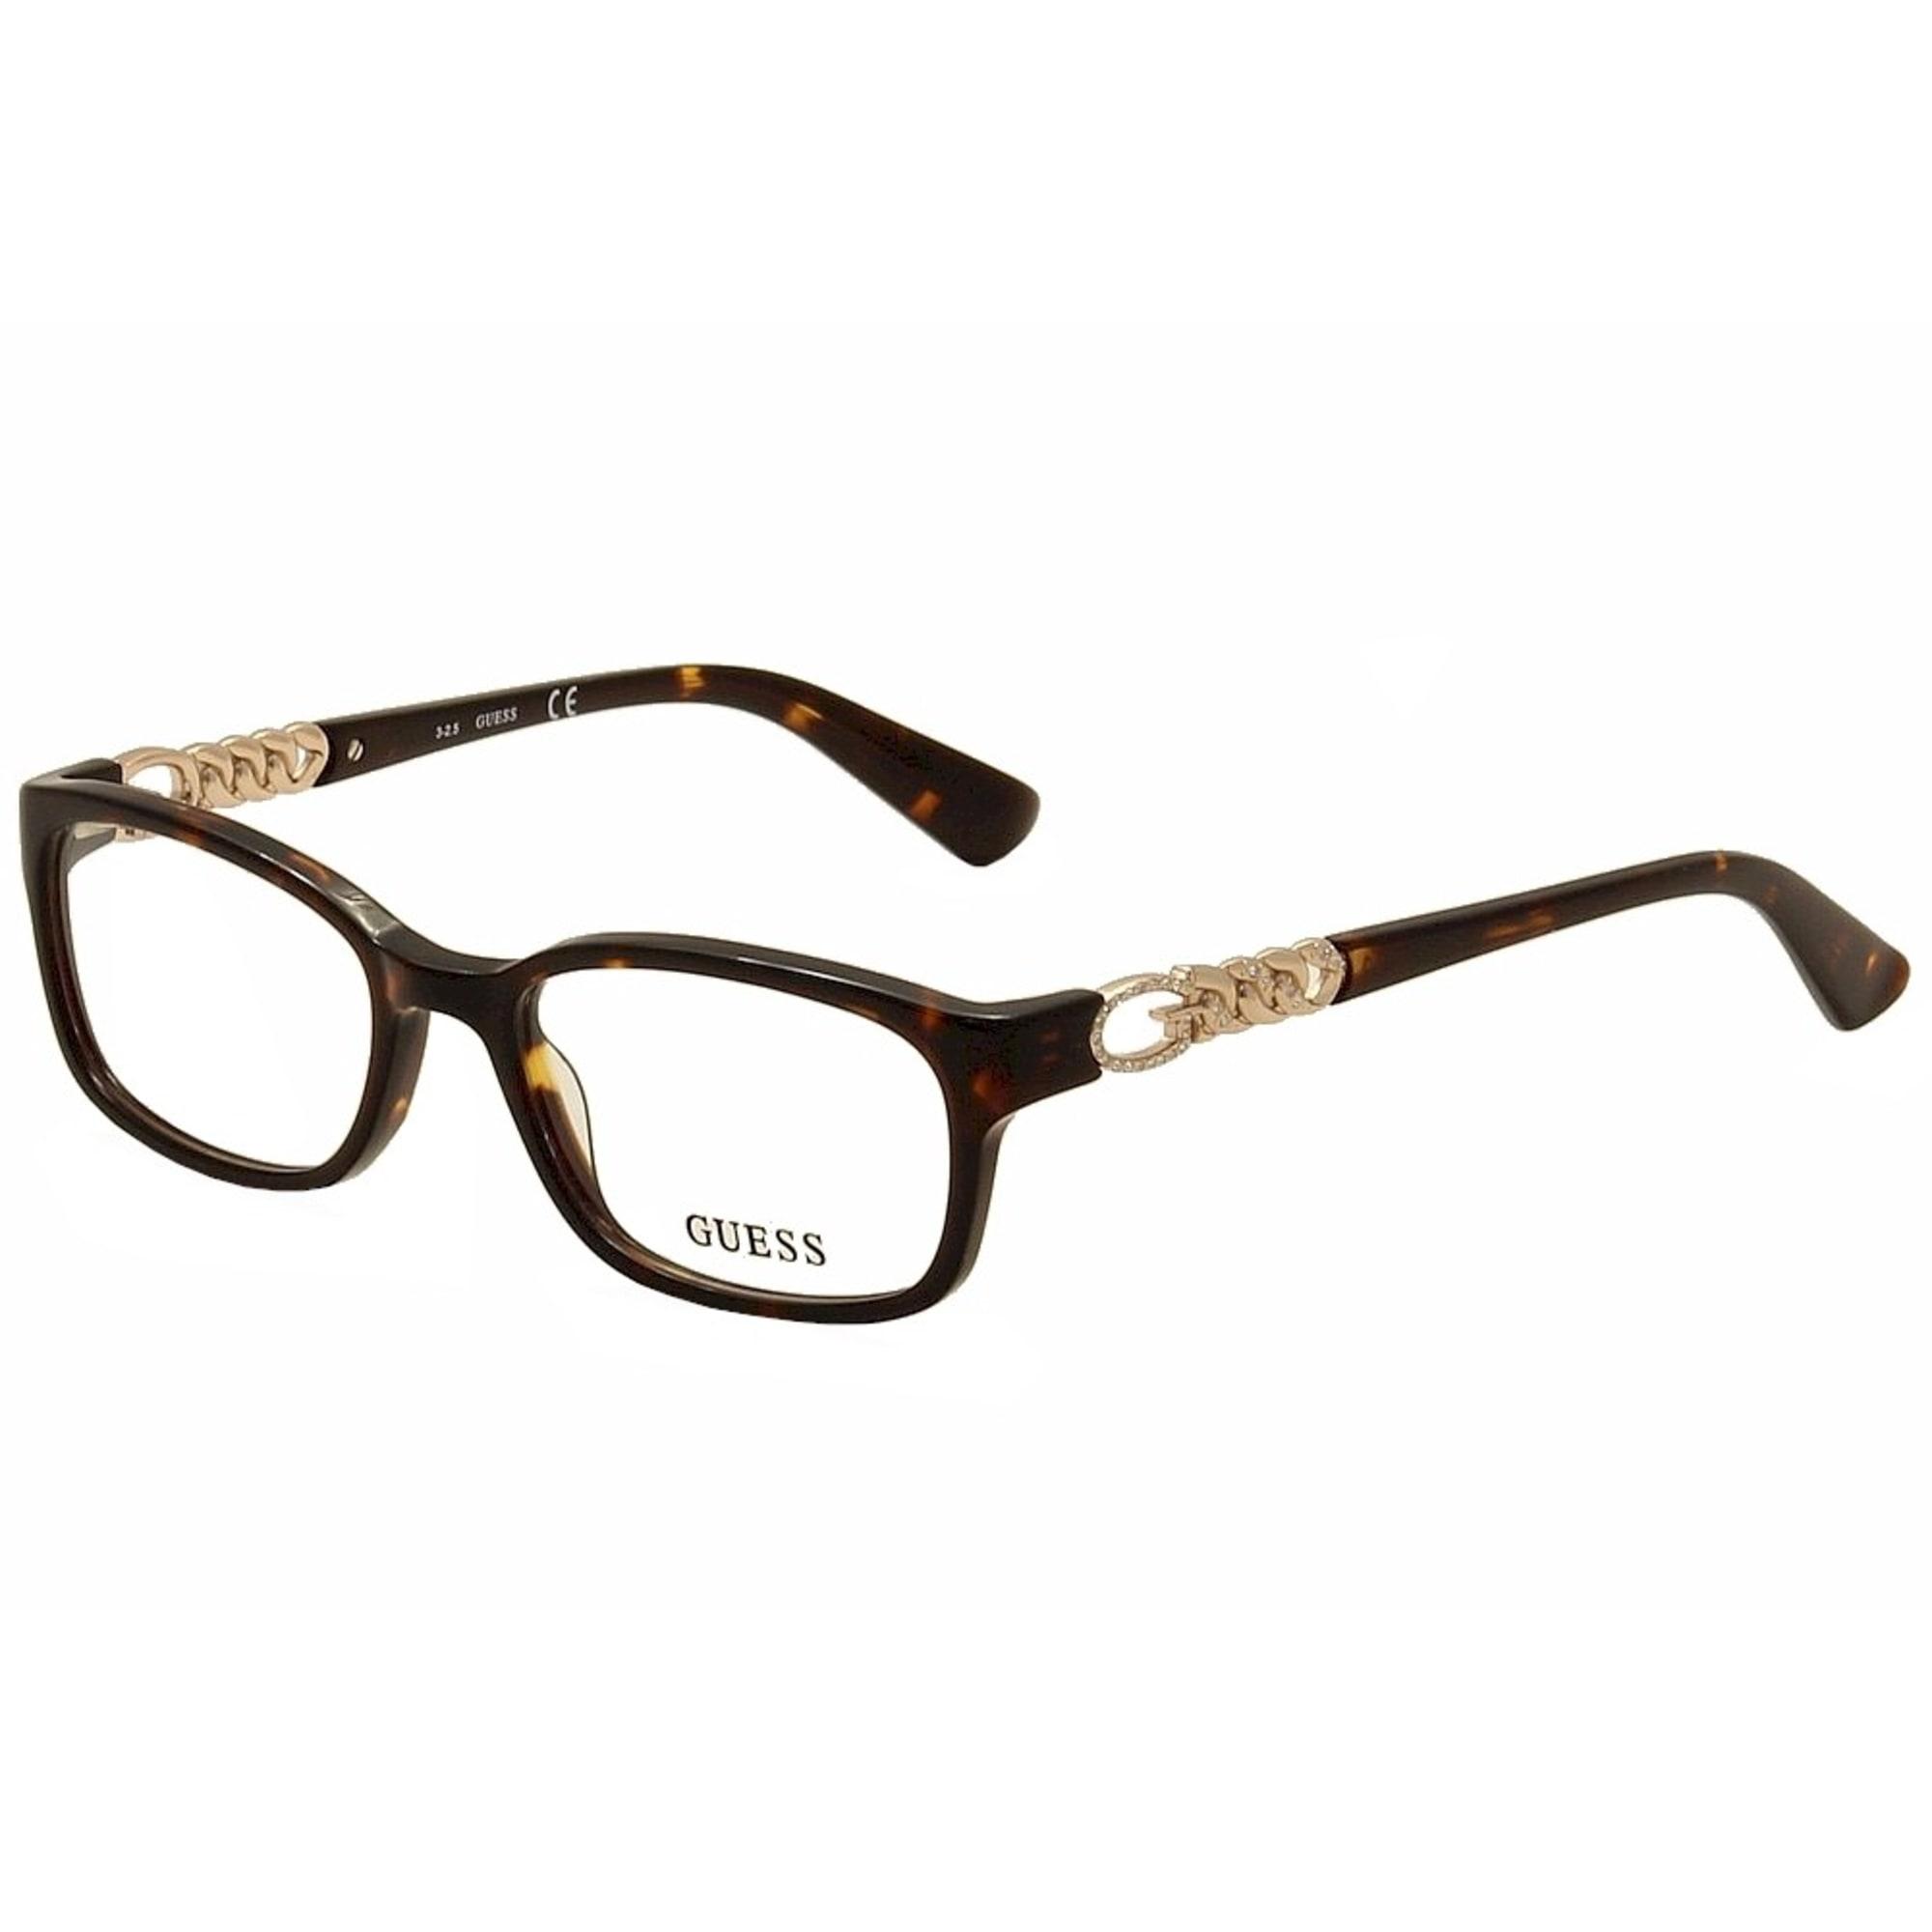 Monture de lunettes GUESS GU2558 multicouleur - 4781492 175c97e57fe2